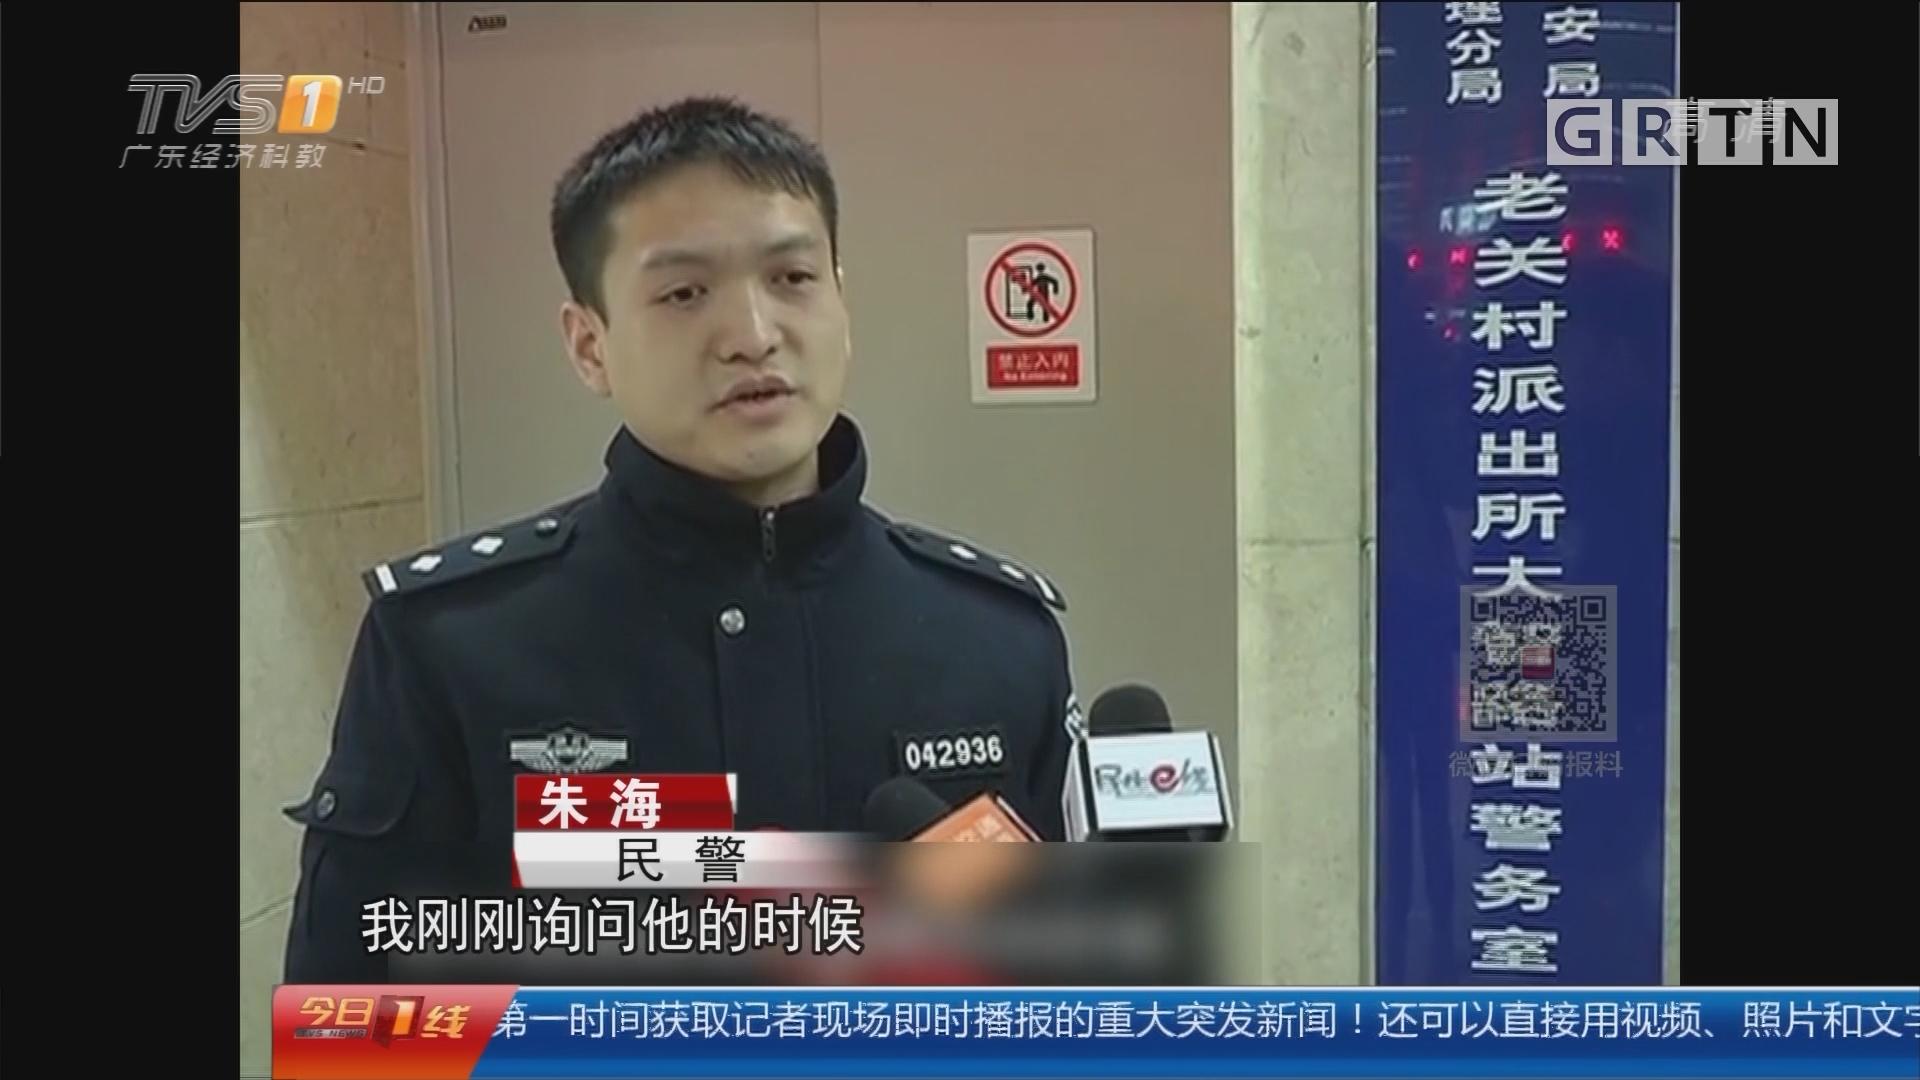 武汉:醉汉猥亵女乘务员还袭警 拘留10日